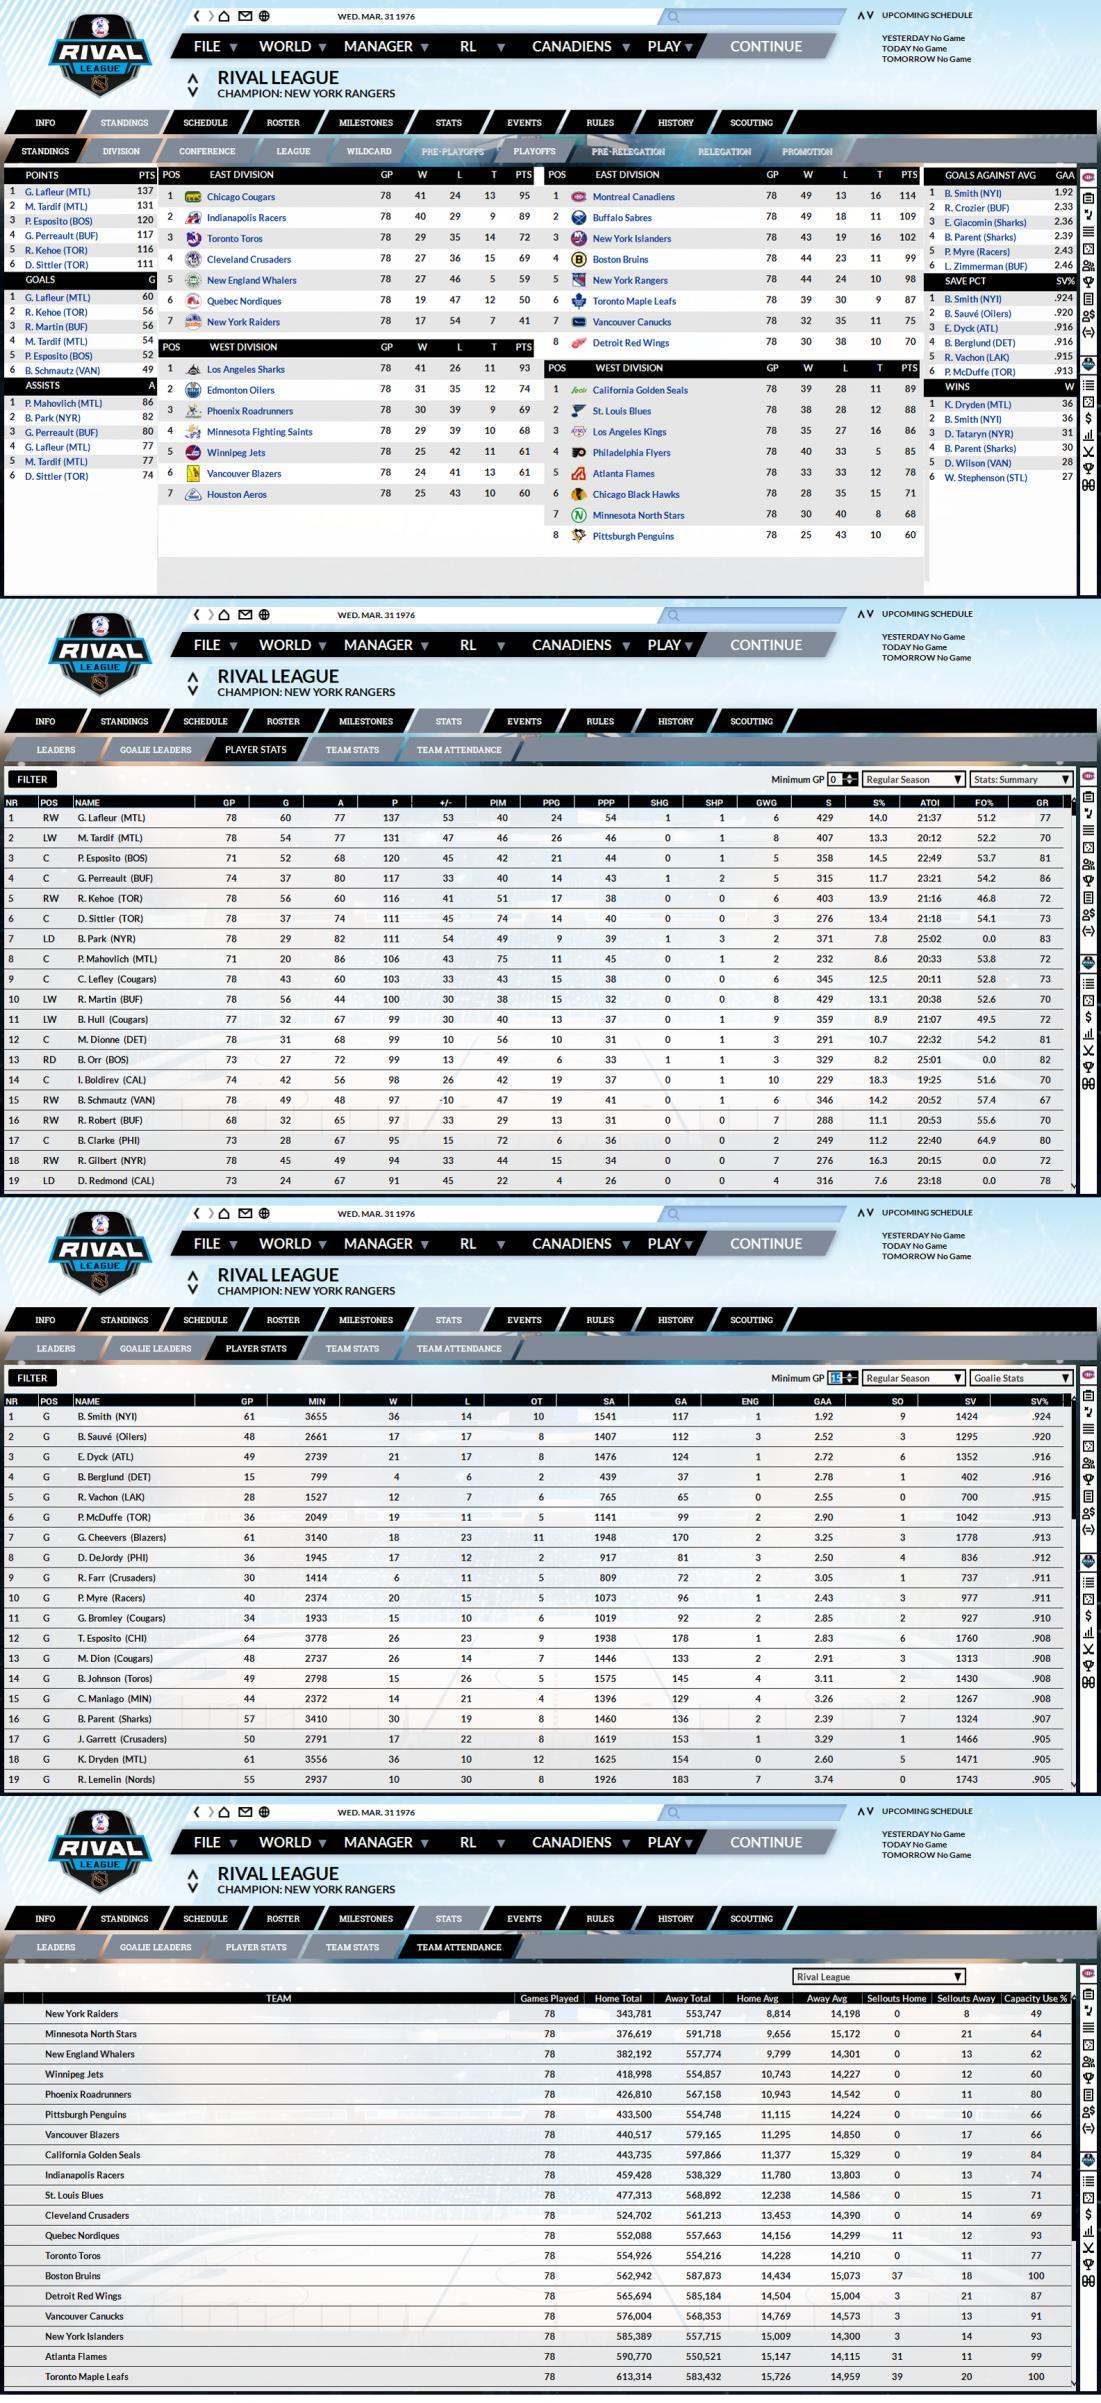 Name:  3. 1975-76 Season Final Stats - The Rival League.jpg Views: 362 Size:  512.1 KB